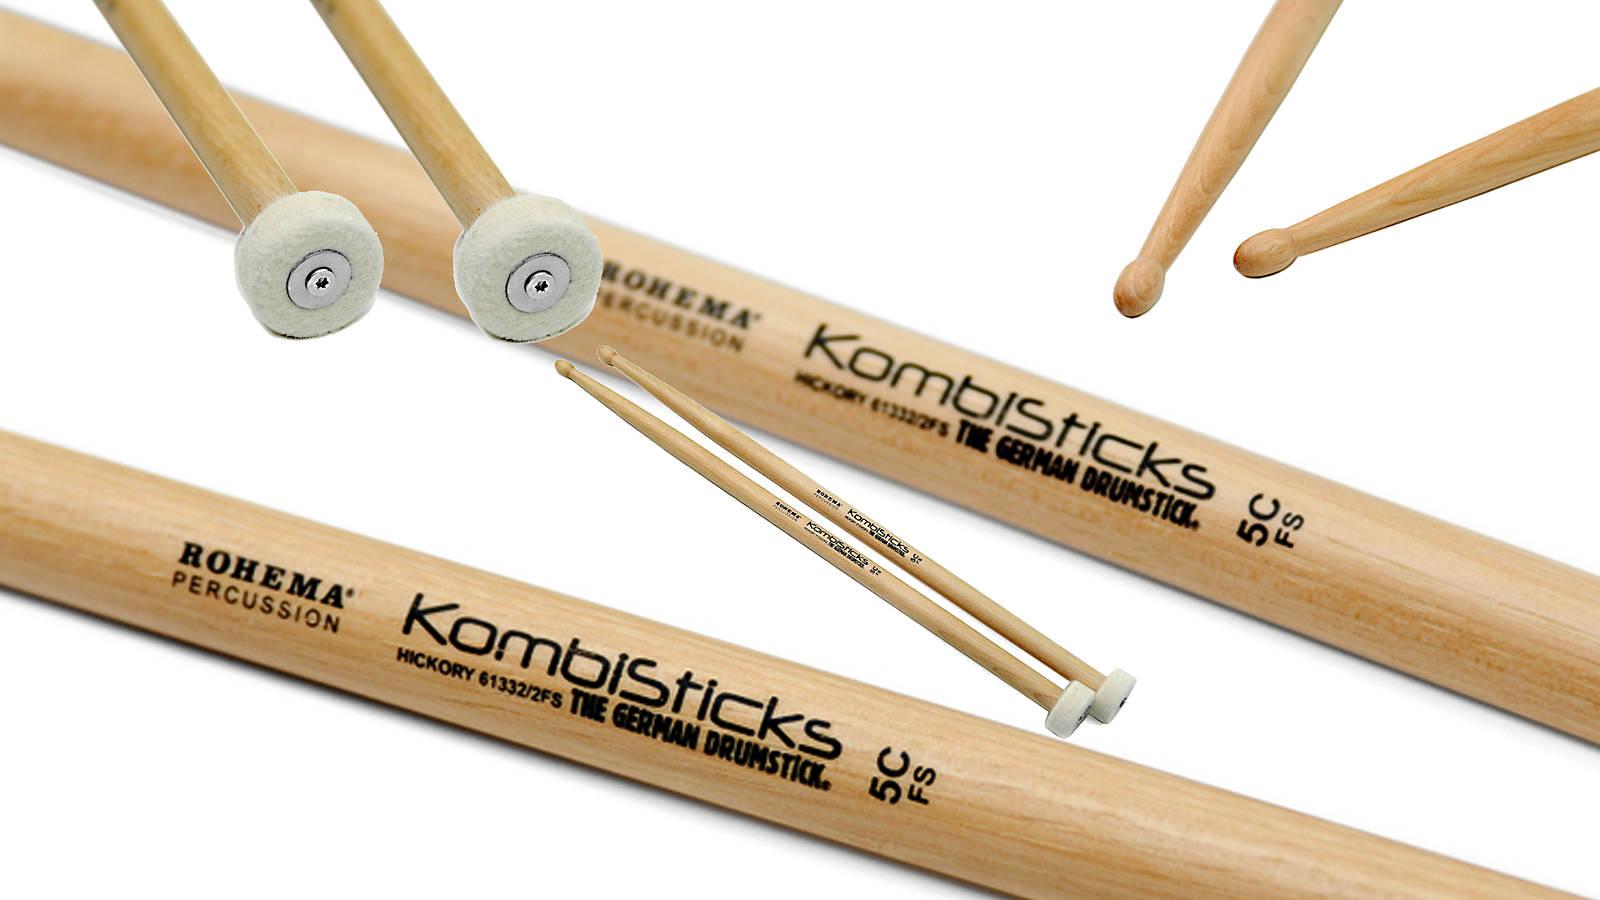 Rohema Kombi Sticks 5C FS